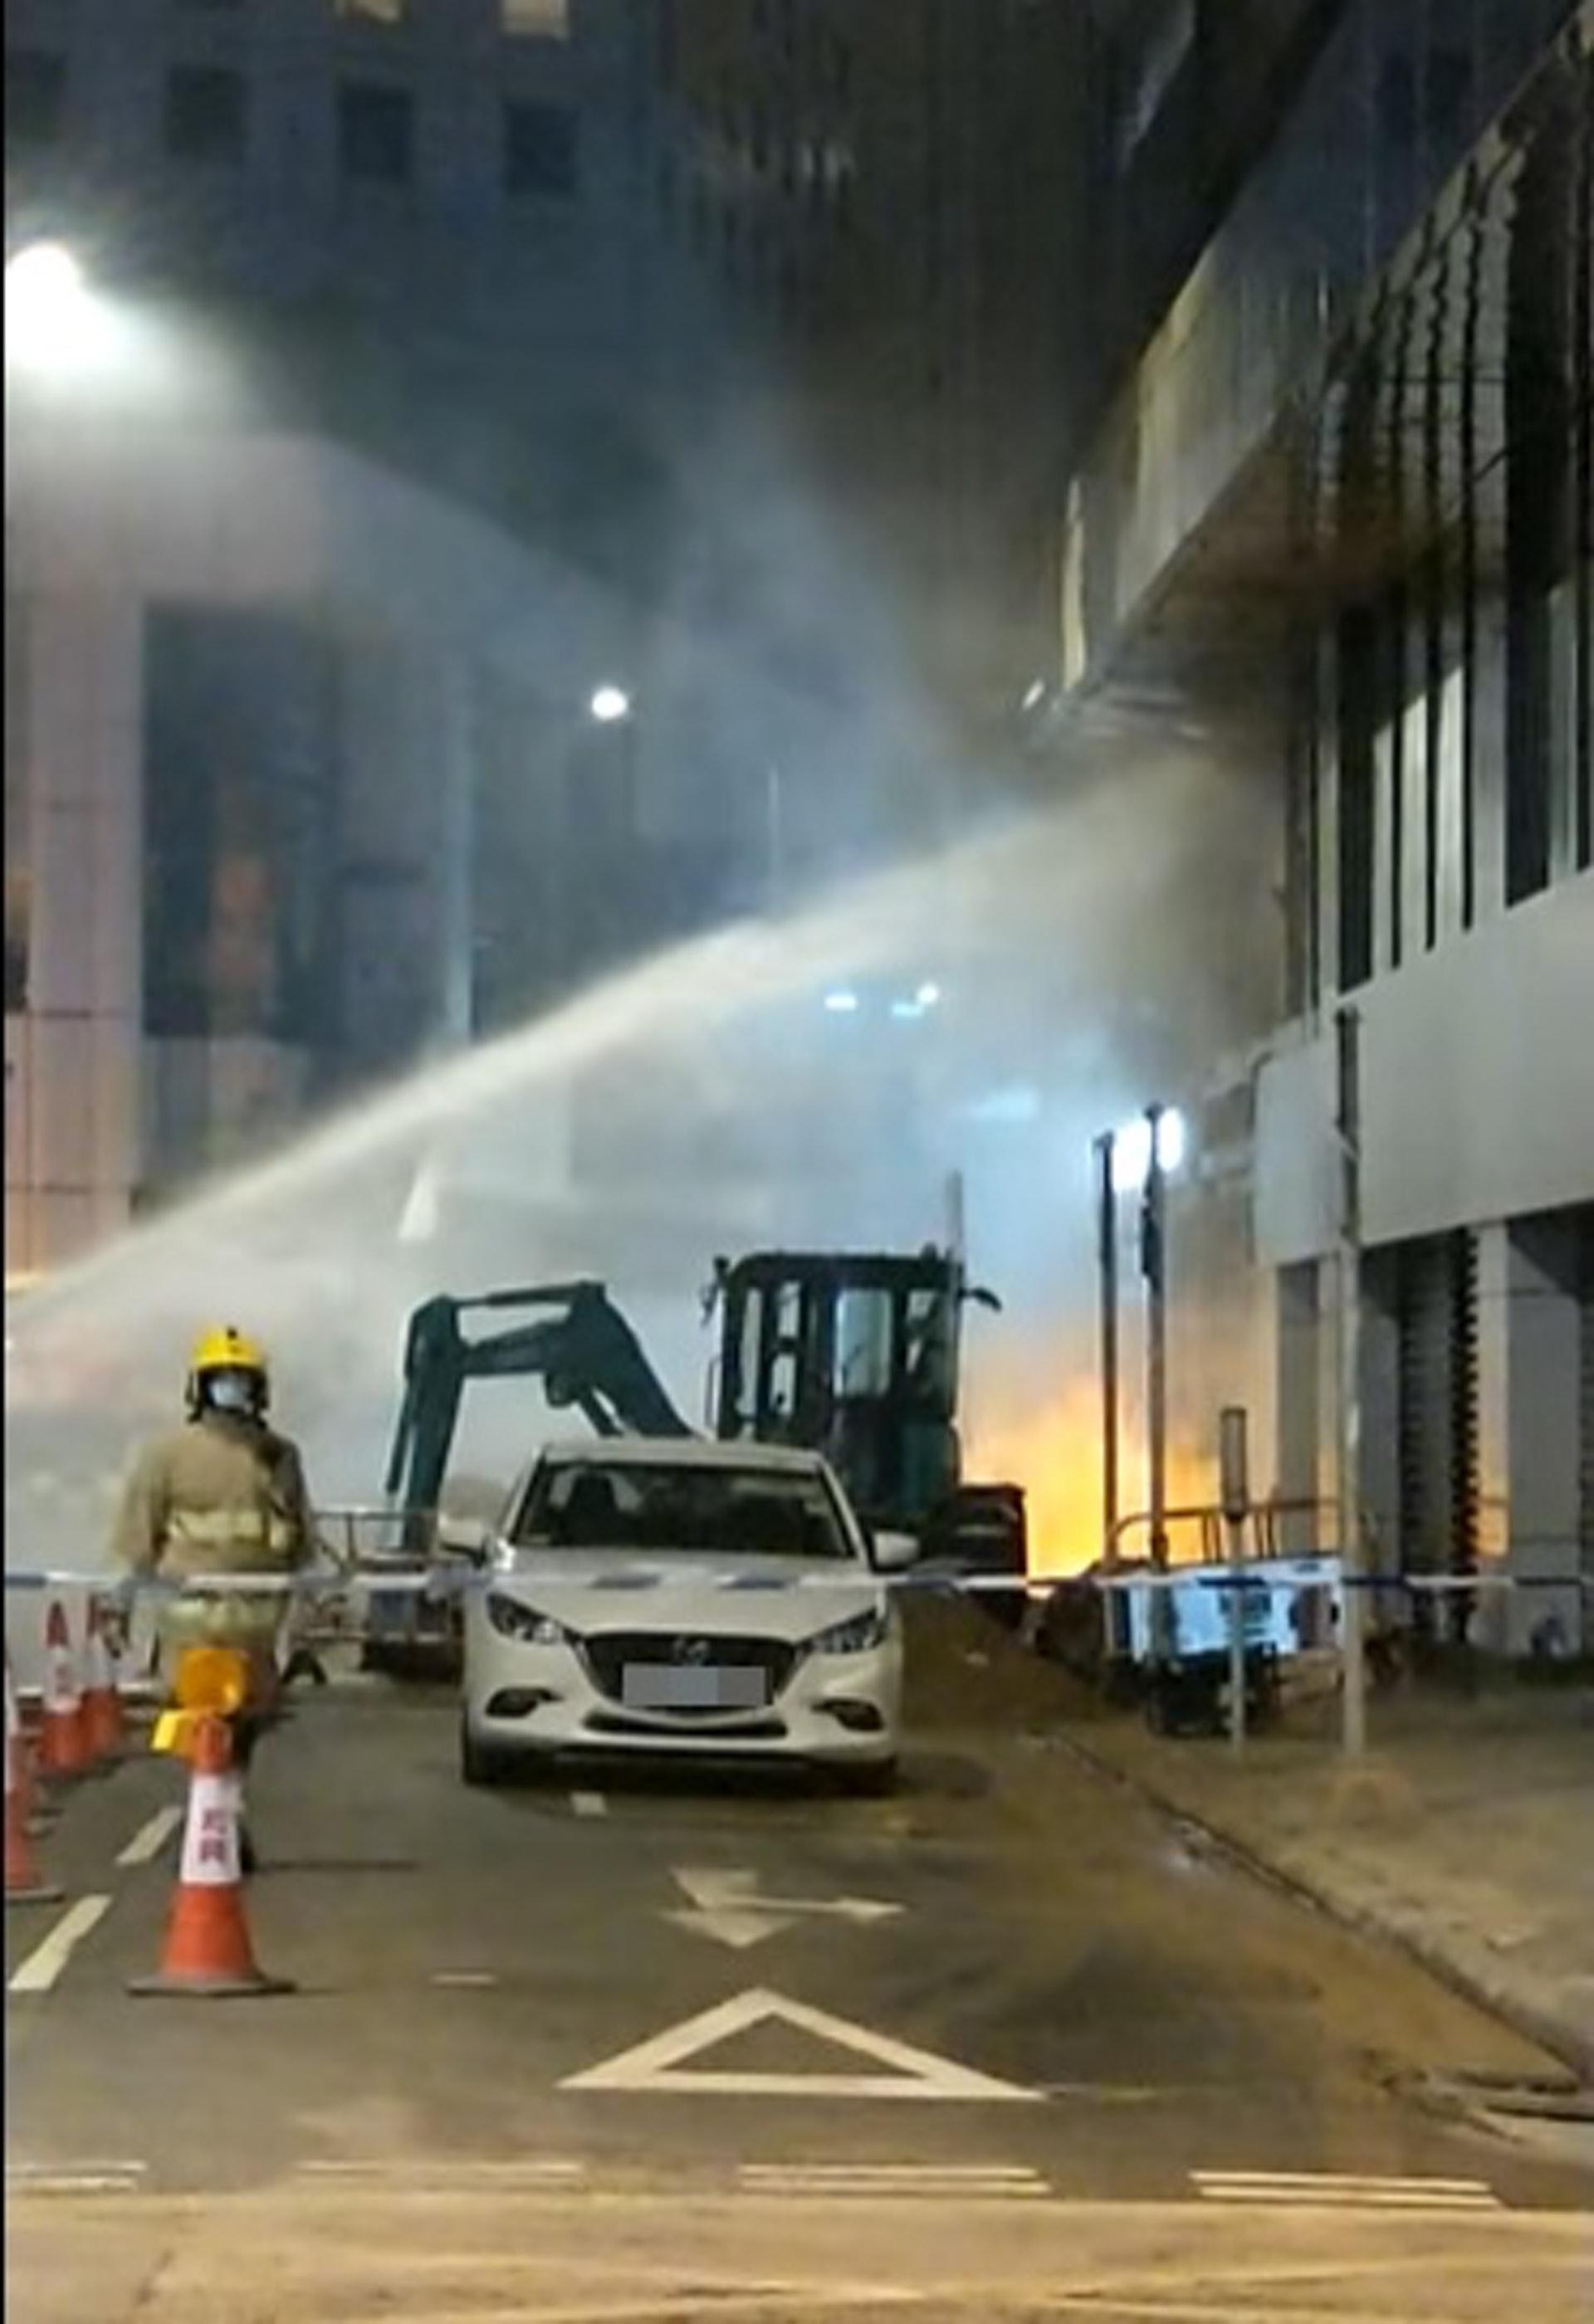 消防在場射水撲救。(fb「香港突發事故報料區」 影片截圖)